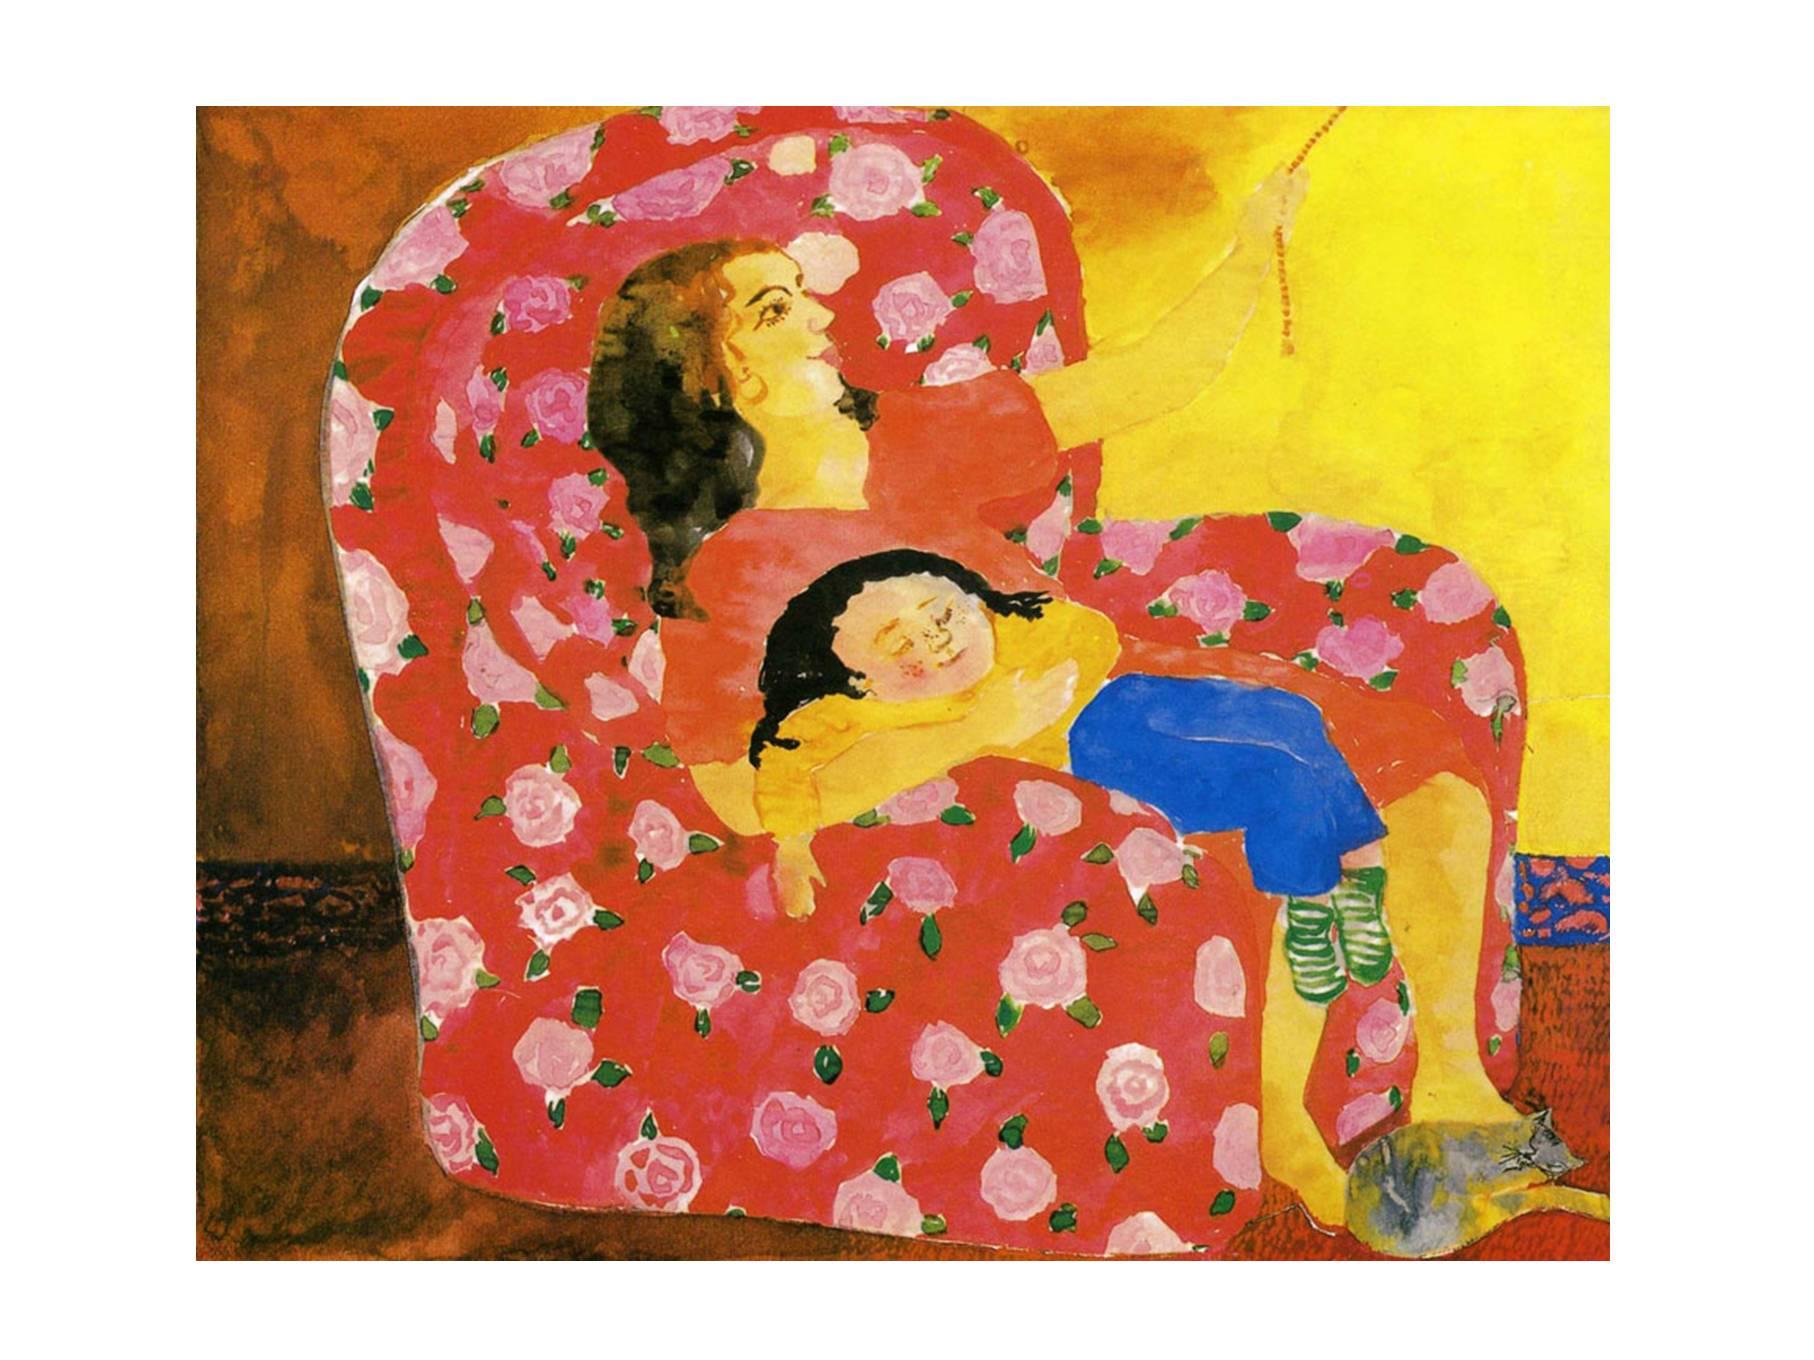 妈妈的红沙发